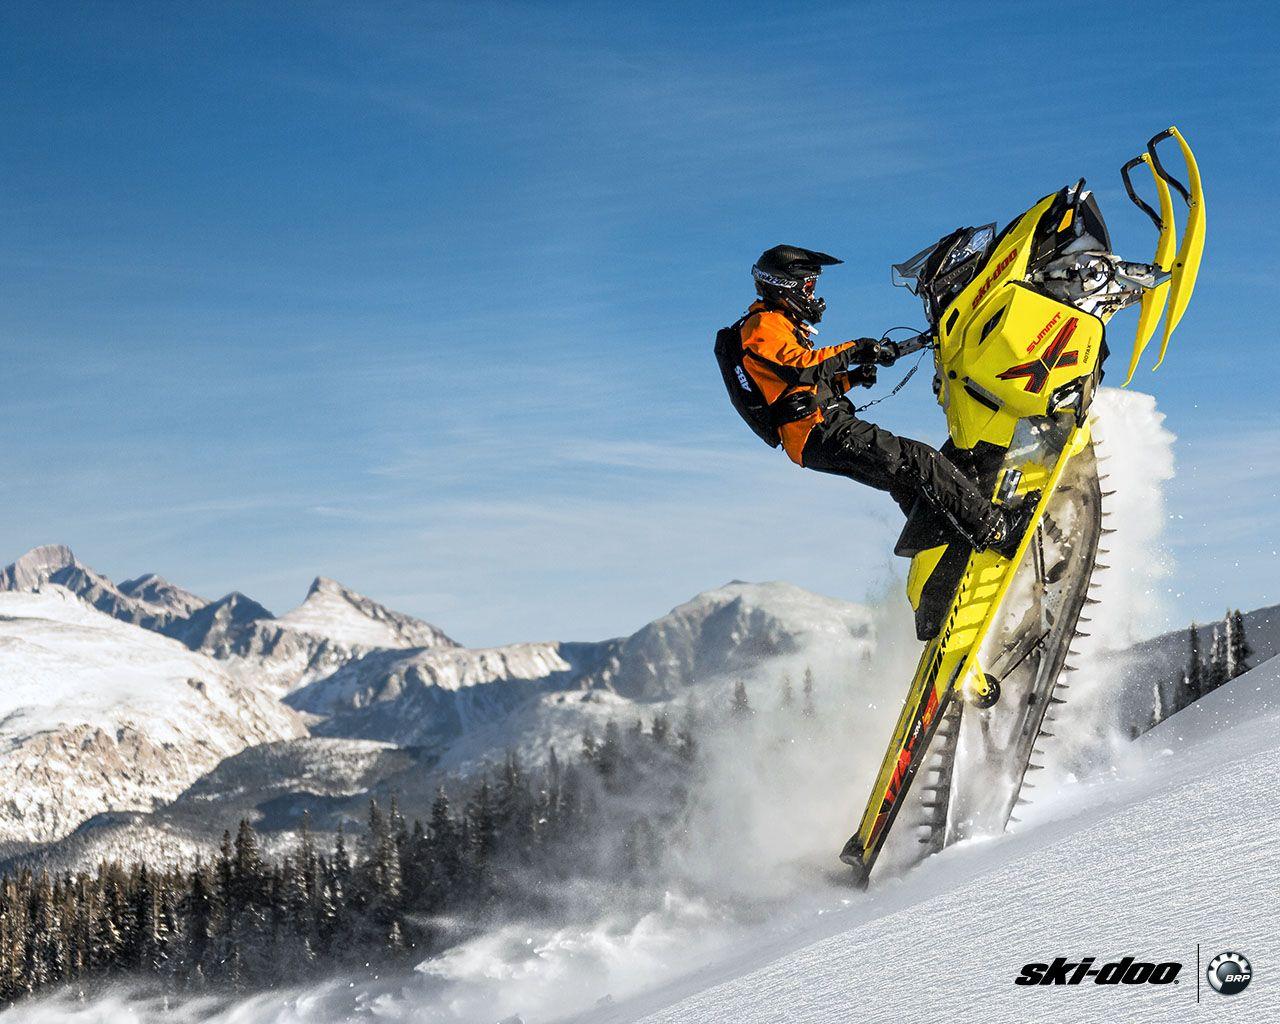 Ski Doo X Logo 2015 ski doo summit x 1280x1024